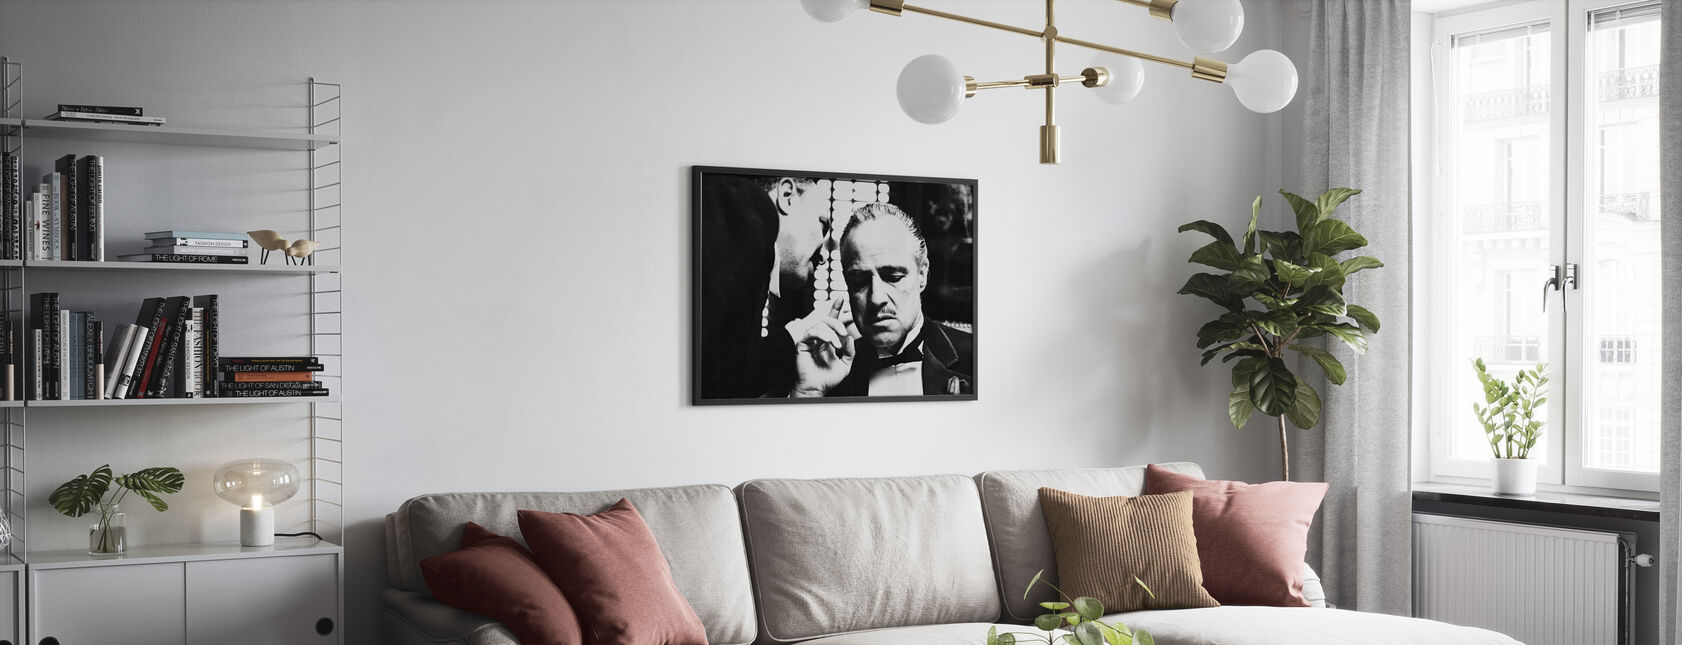 Marlon Brando w ojcu chrzestnym - Obraz w ramie - Pokój dzienny